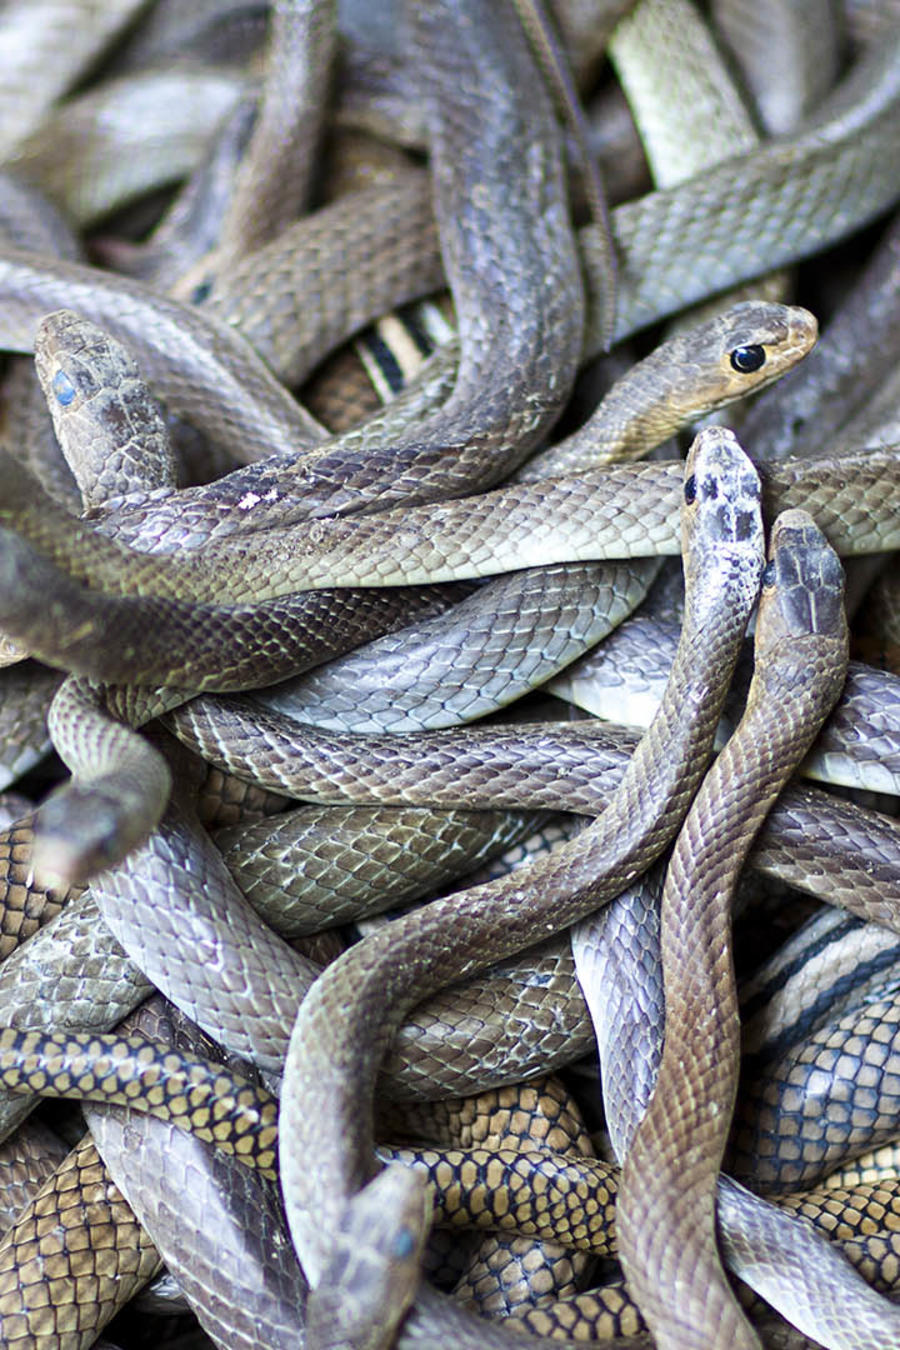 Hallan reptiles peligrosos en una casa de Los Angeles